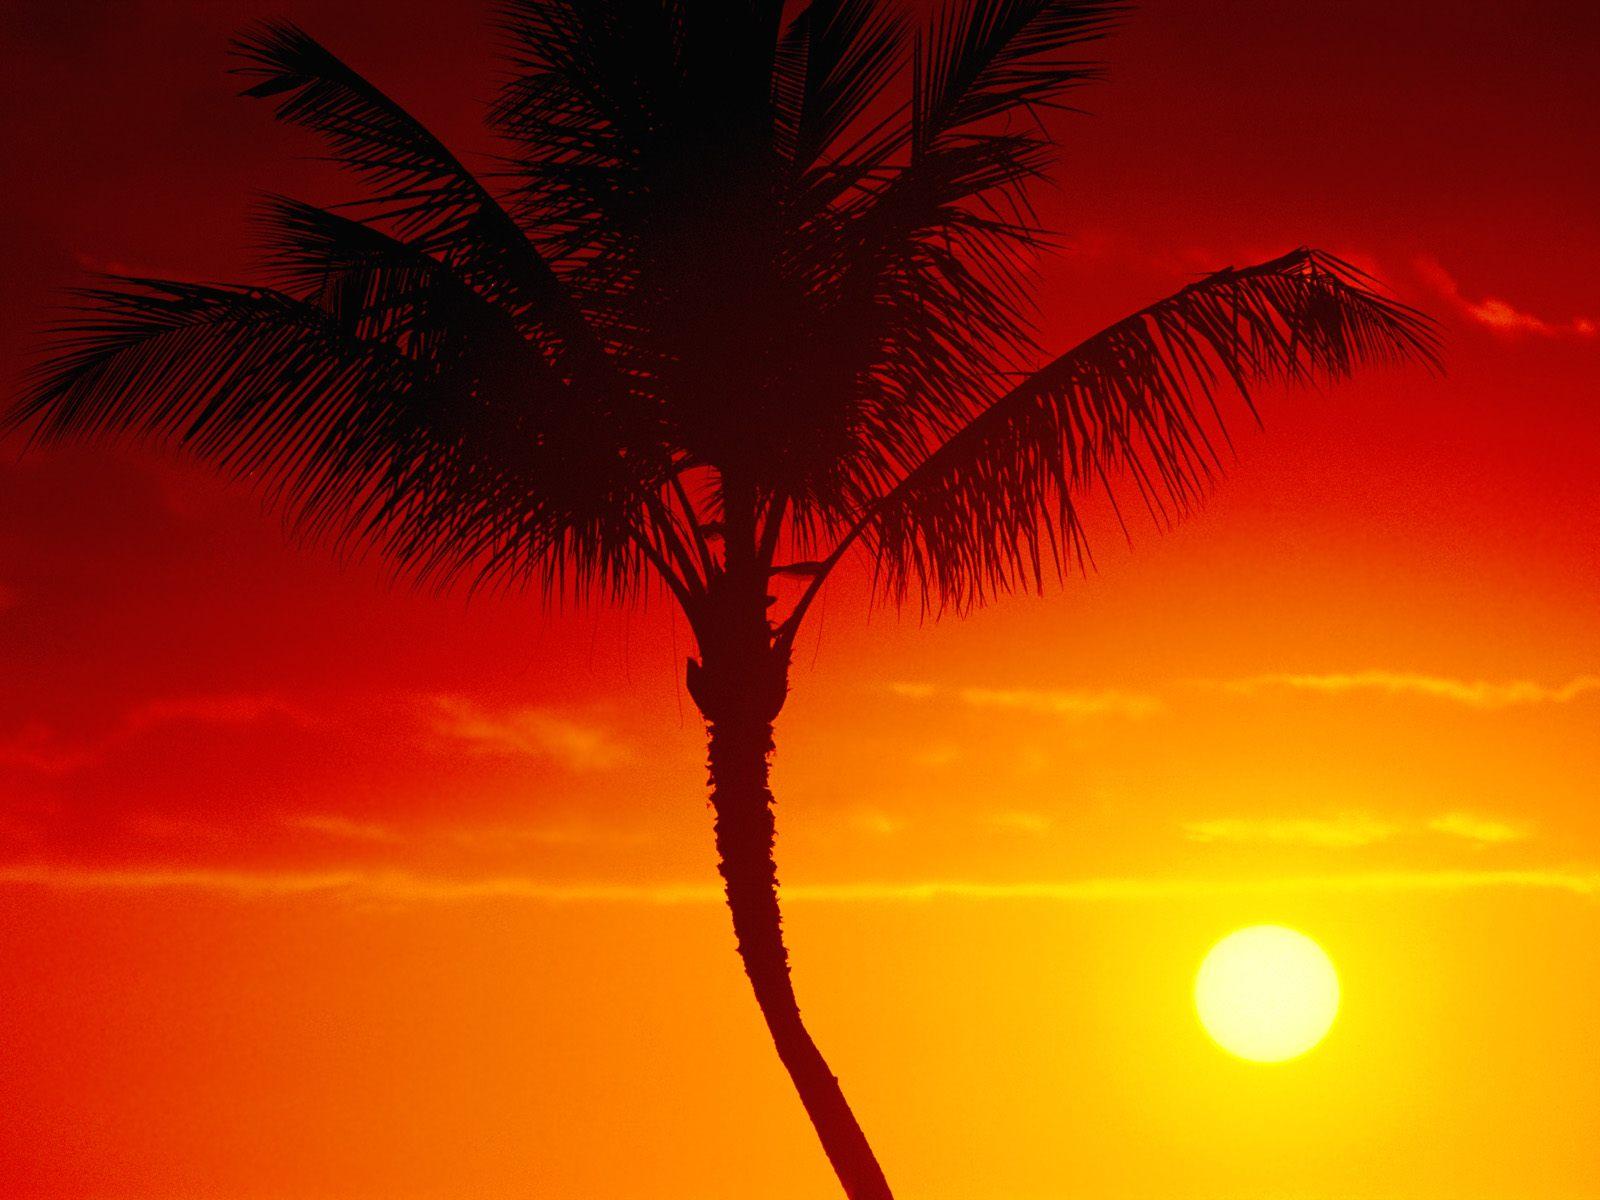 закат, лето, солнце, пальма, orange summer wallpaer, обои для рабочего стола